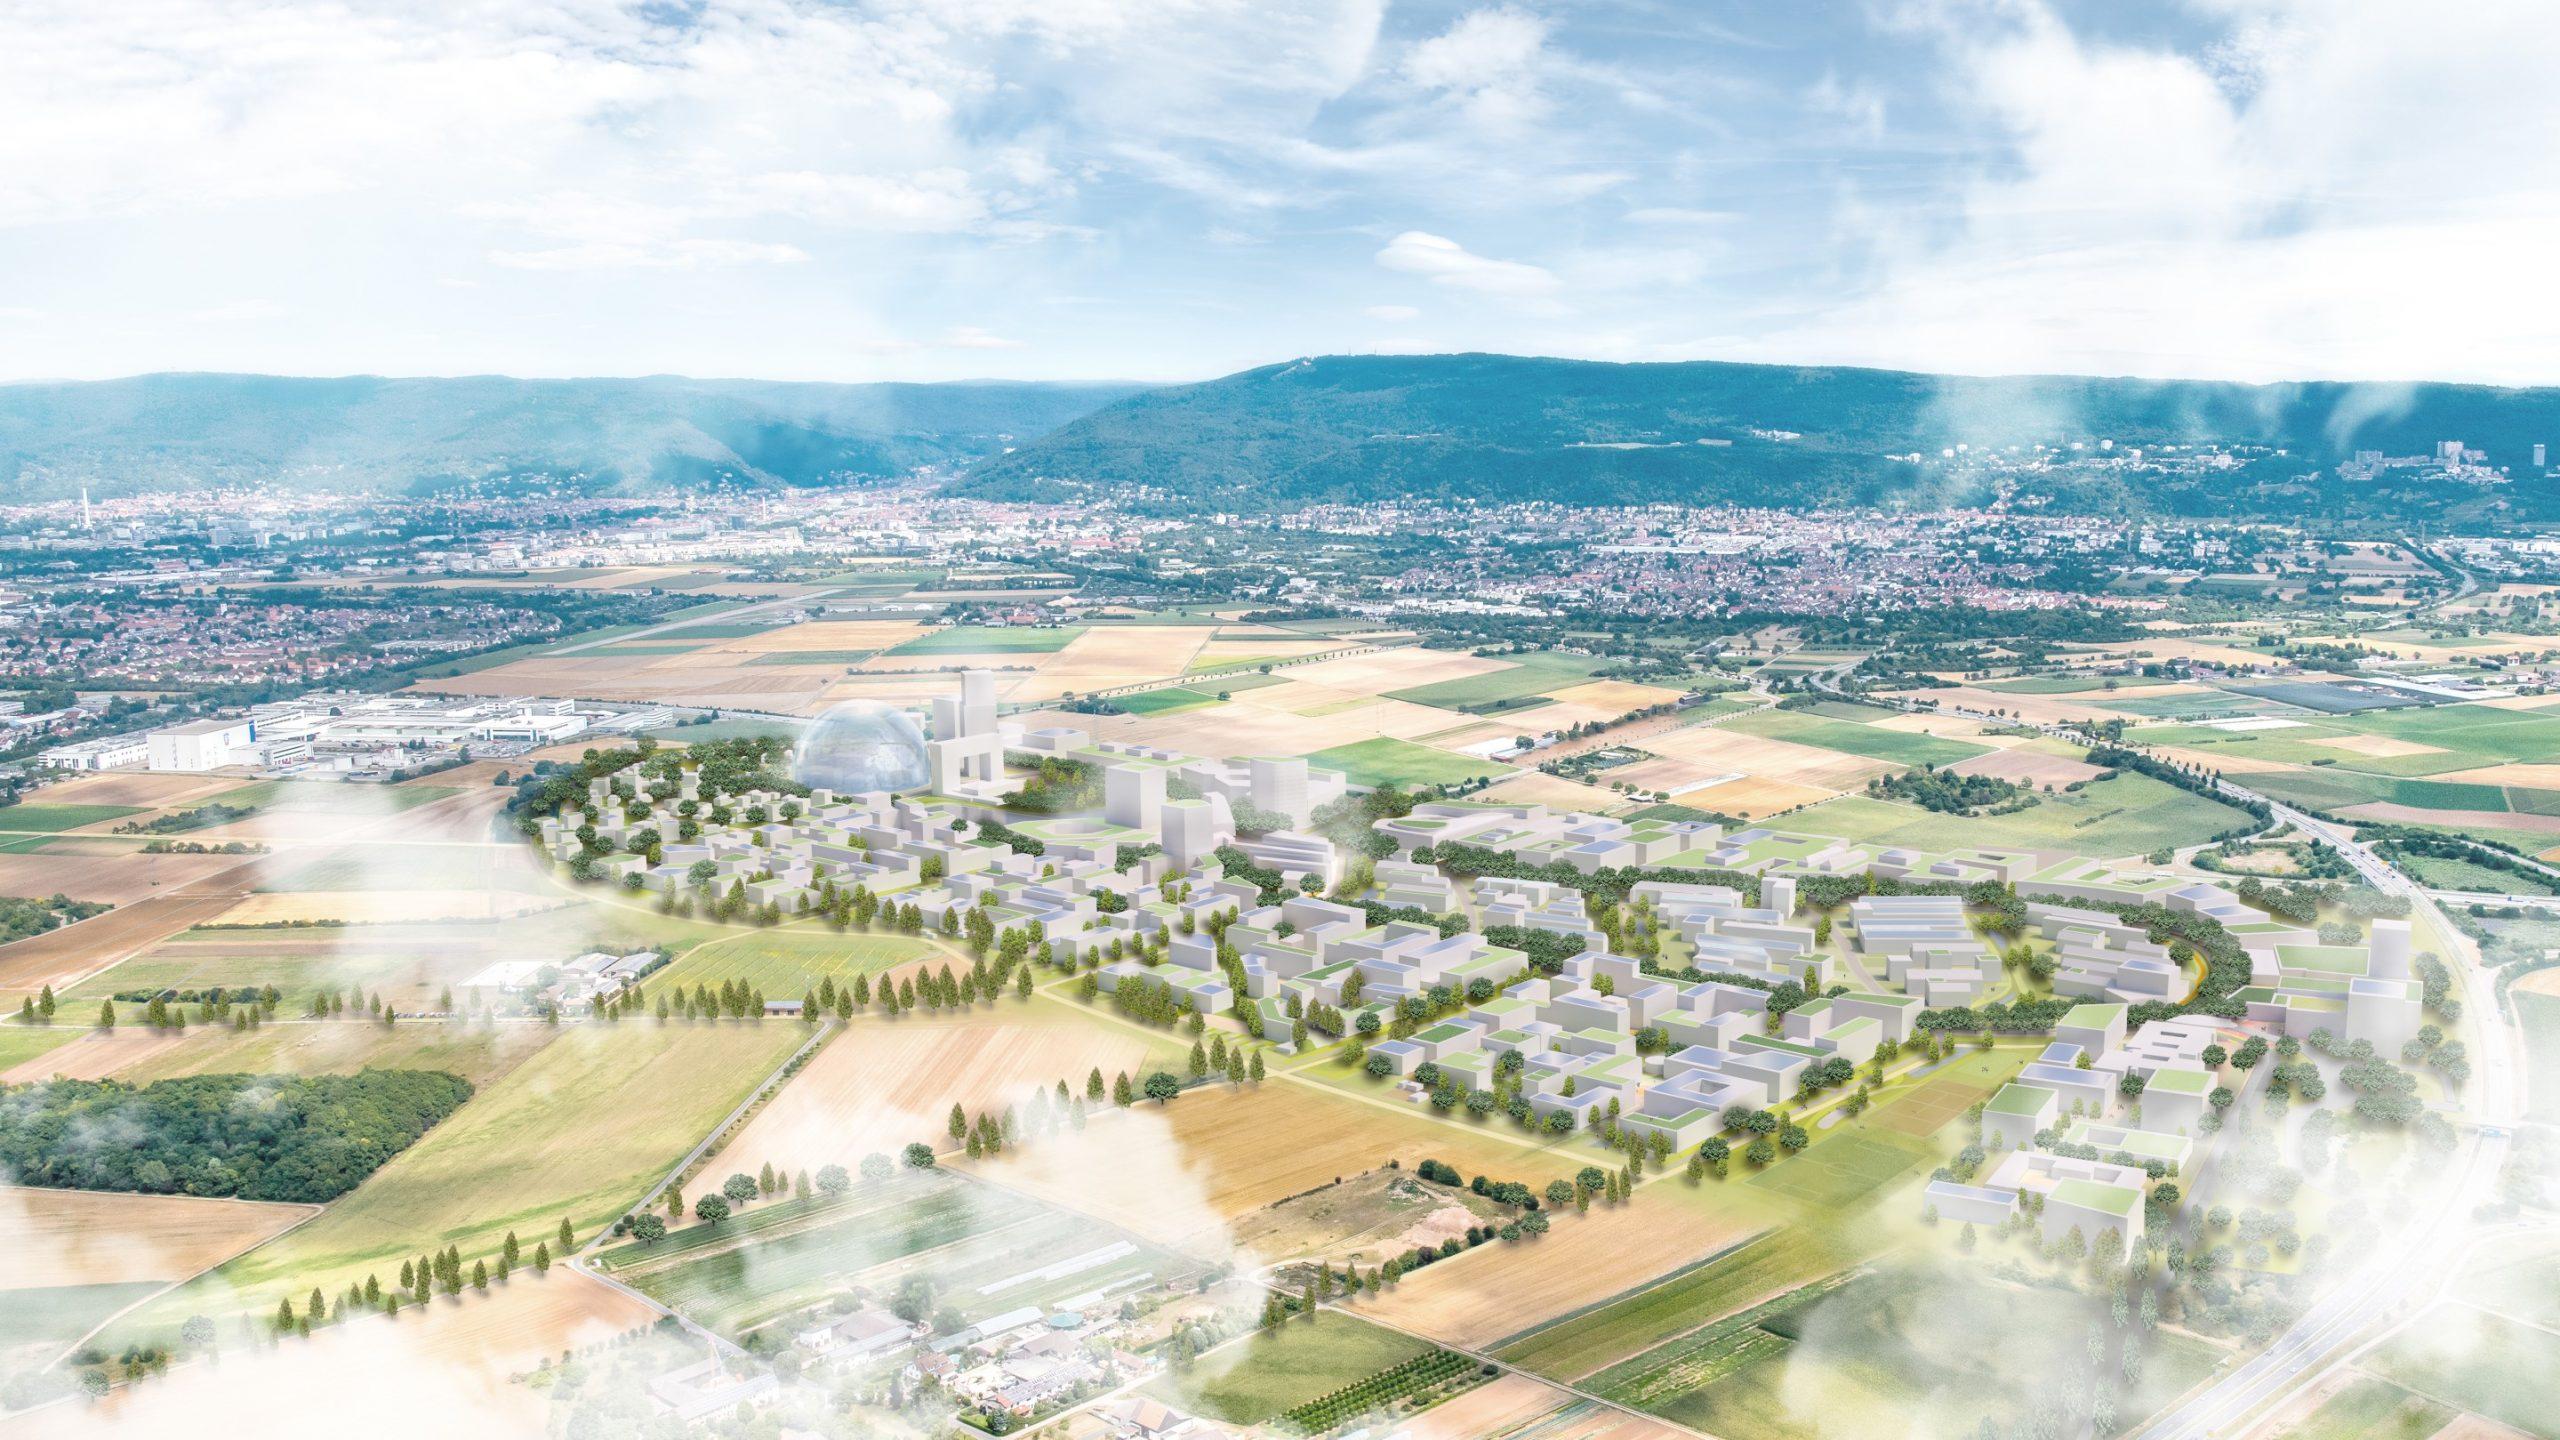 Visualisierung: Luftbild eines neuen Stadtteils